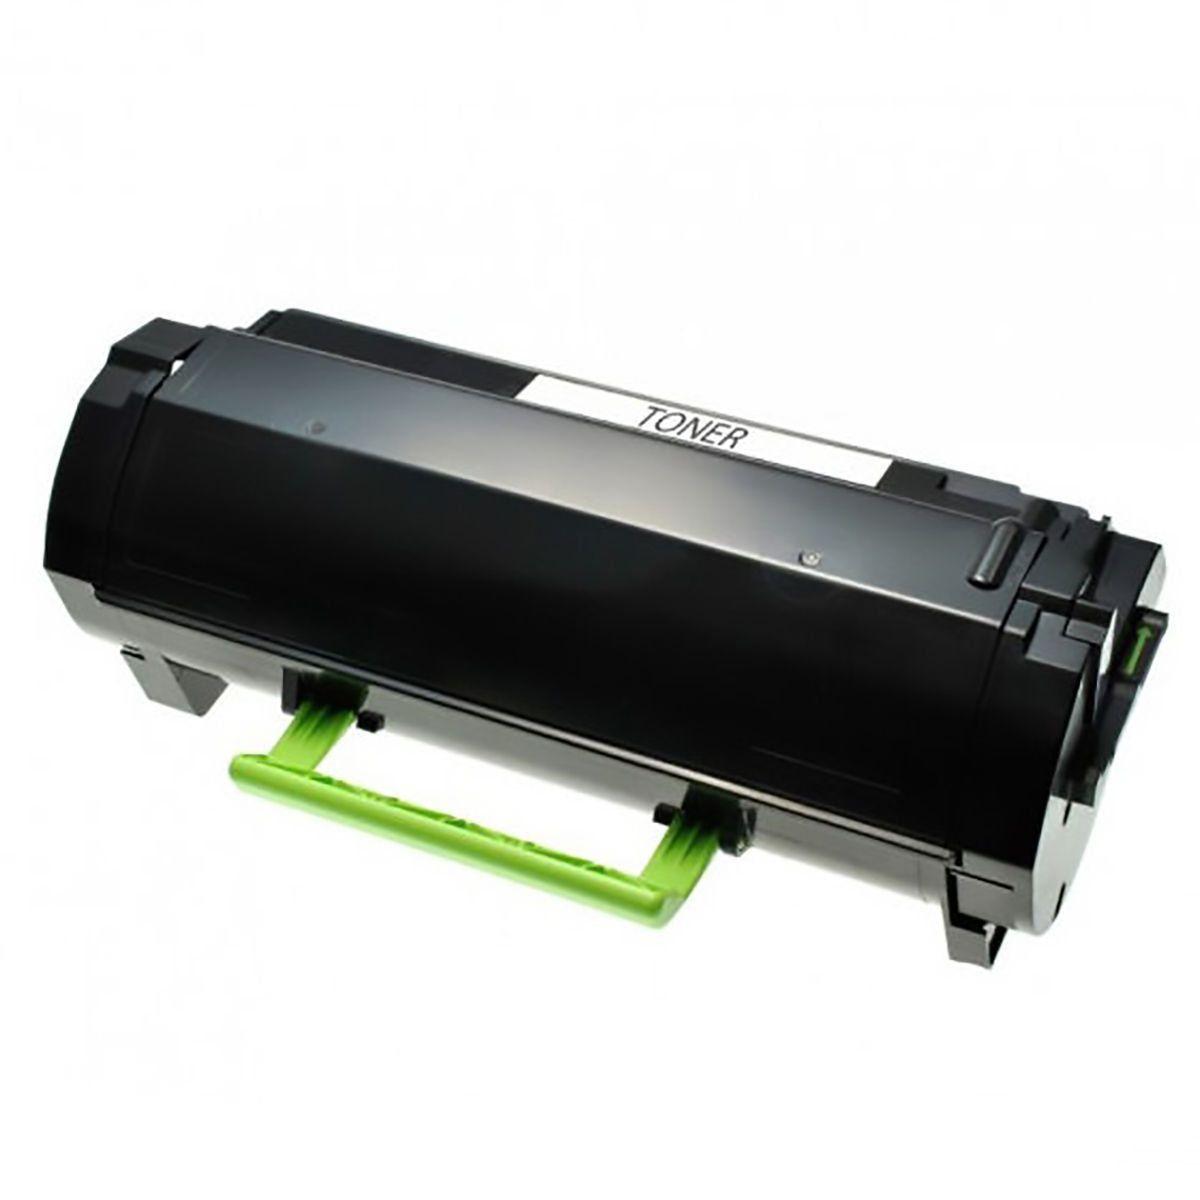 Compatível: Toner 604H 60FBH00 para Lexmark MX310 MX410 MX511 MX611 MX310dn MX410de MX511dhe MX611de / Preto / 10.000